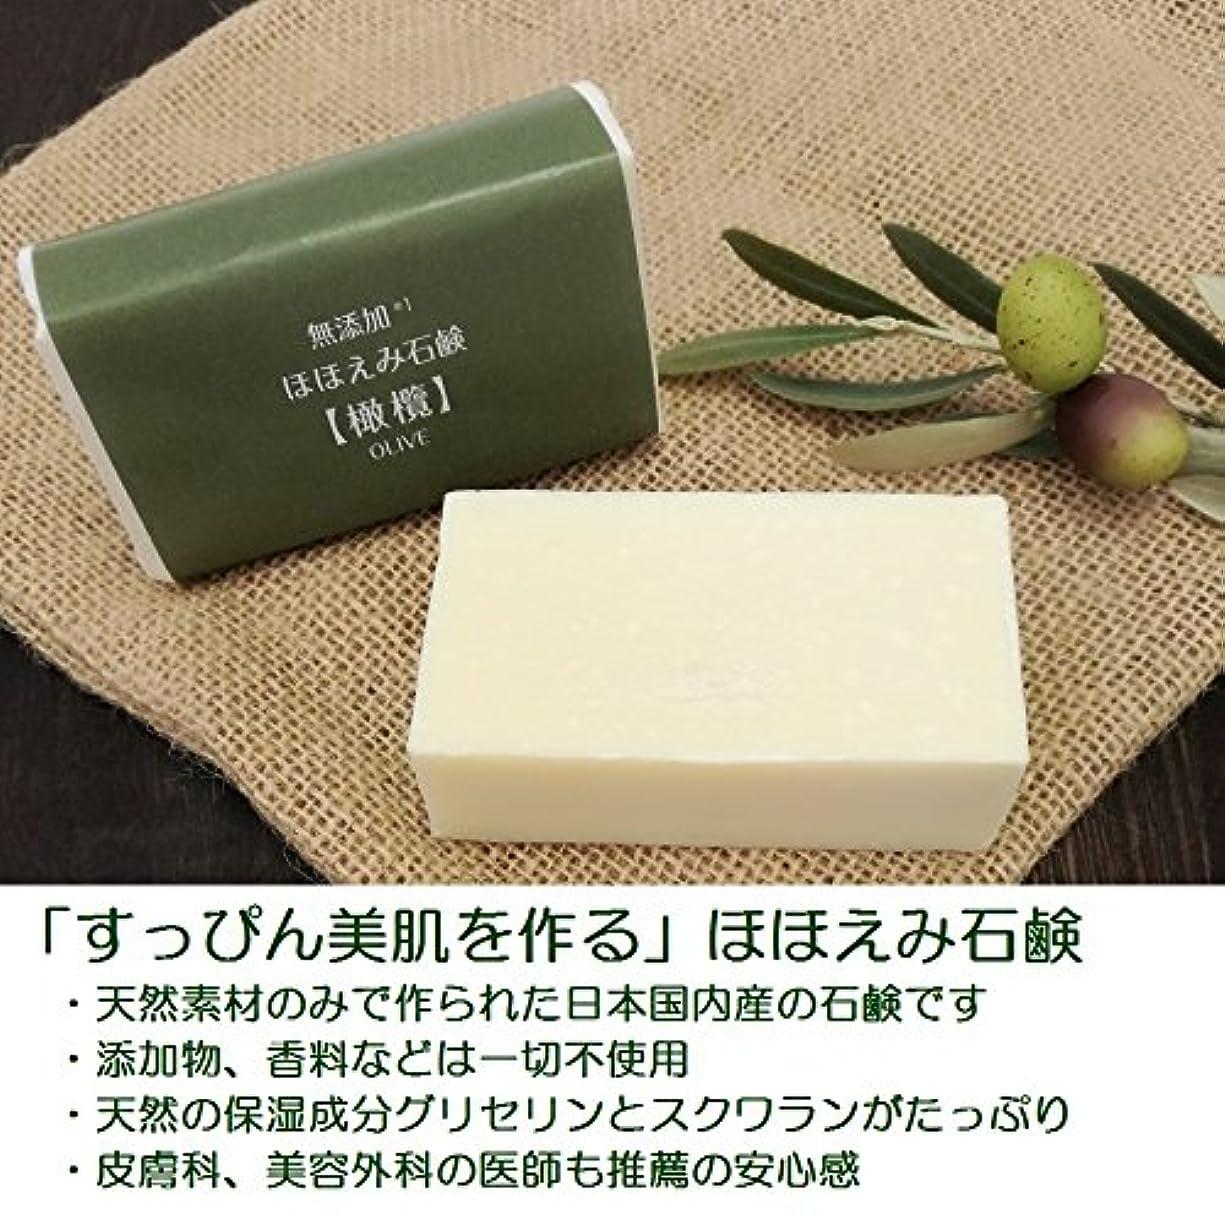 すっぴん美肌を作る ほほえみ石鹸 オリーブ 無添加 オーガニック 日本製 80g